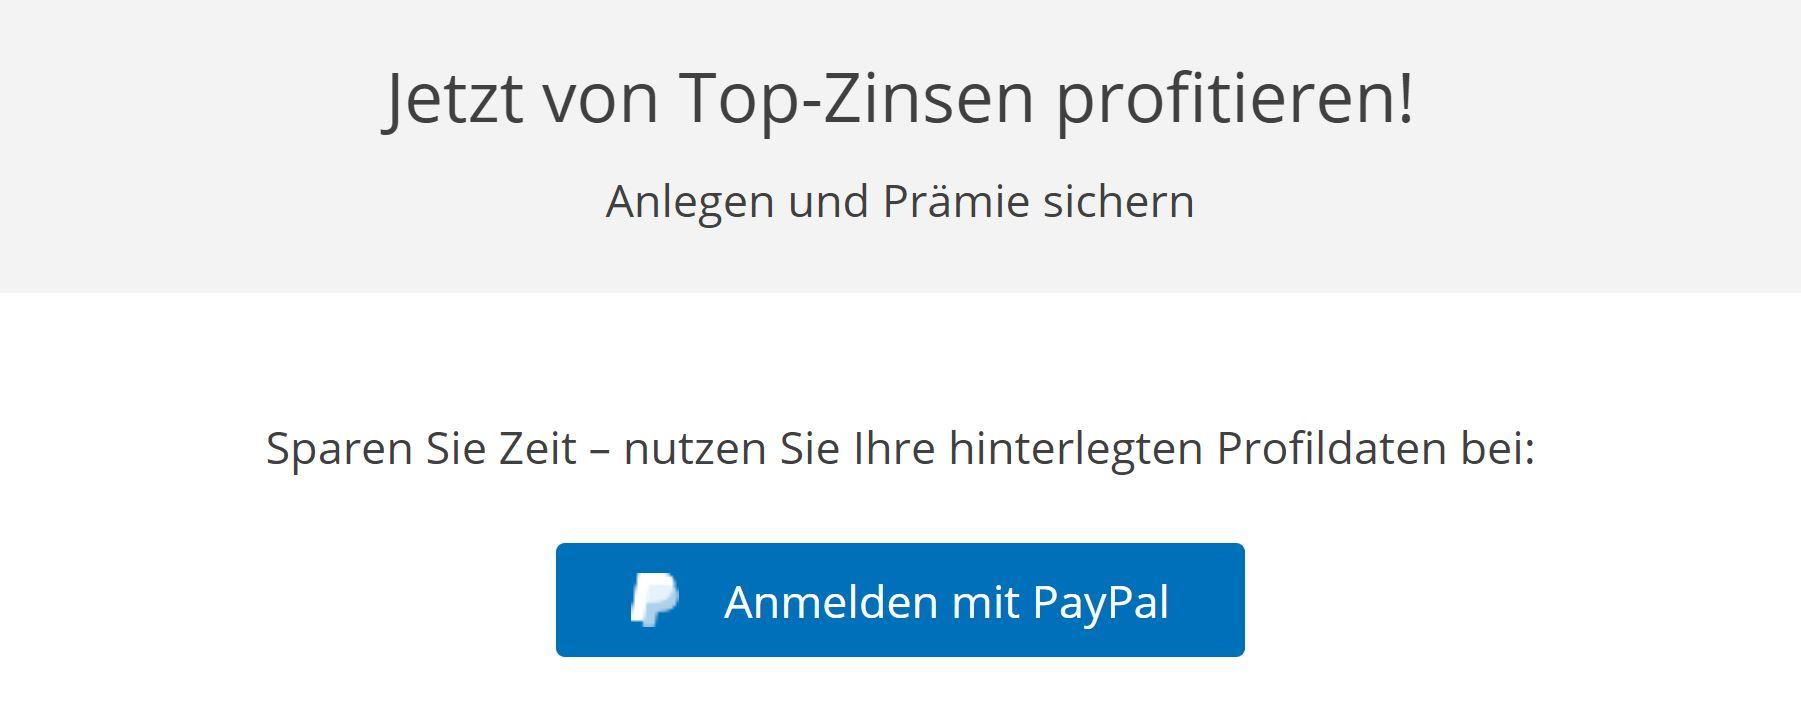 zeit-sparen-und-mit-paypal-anmelden.JPG